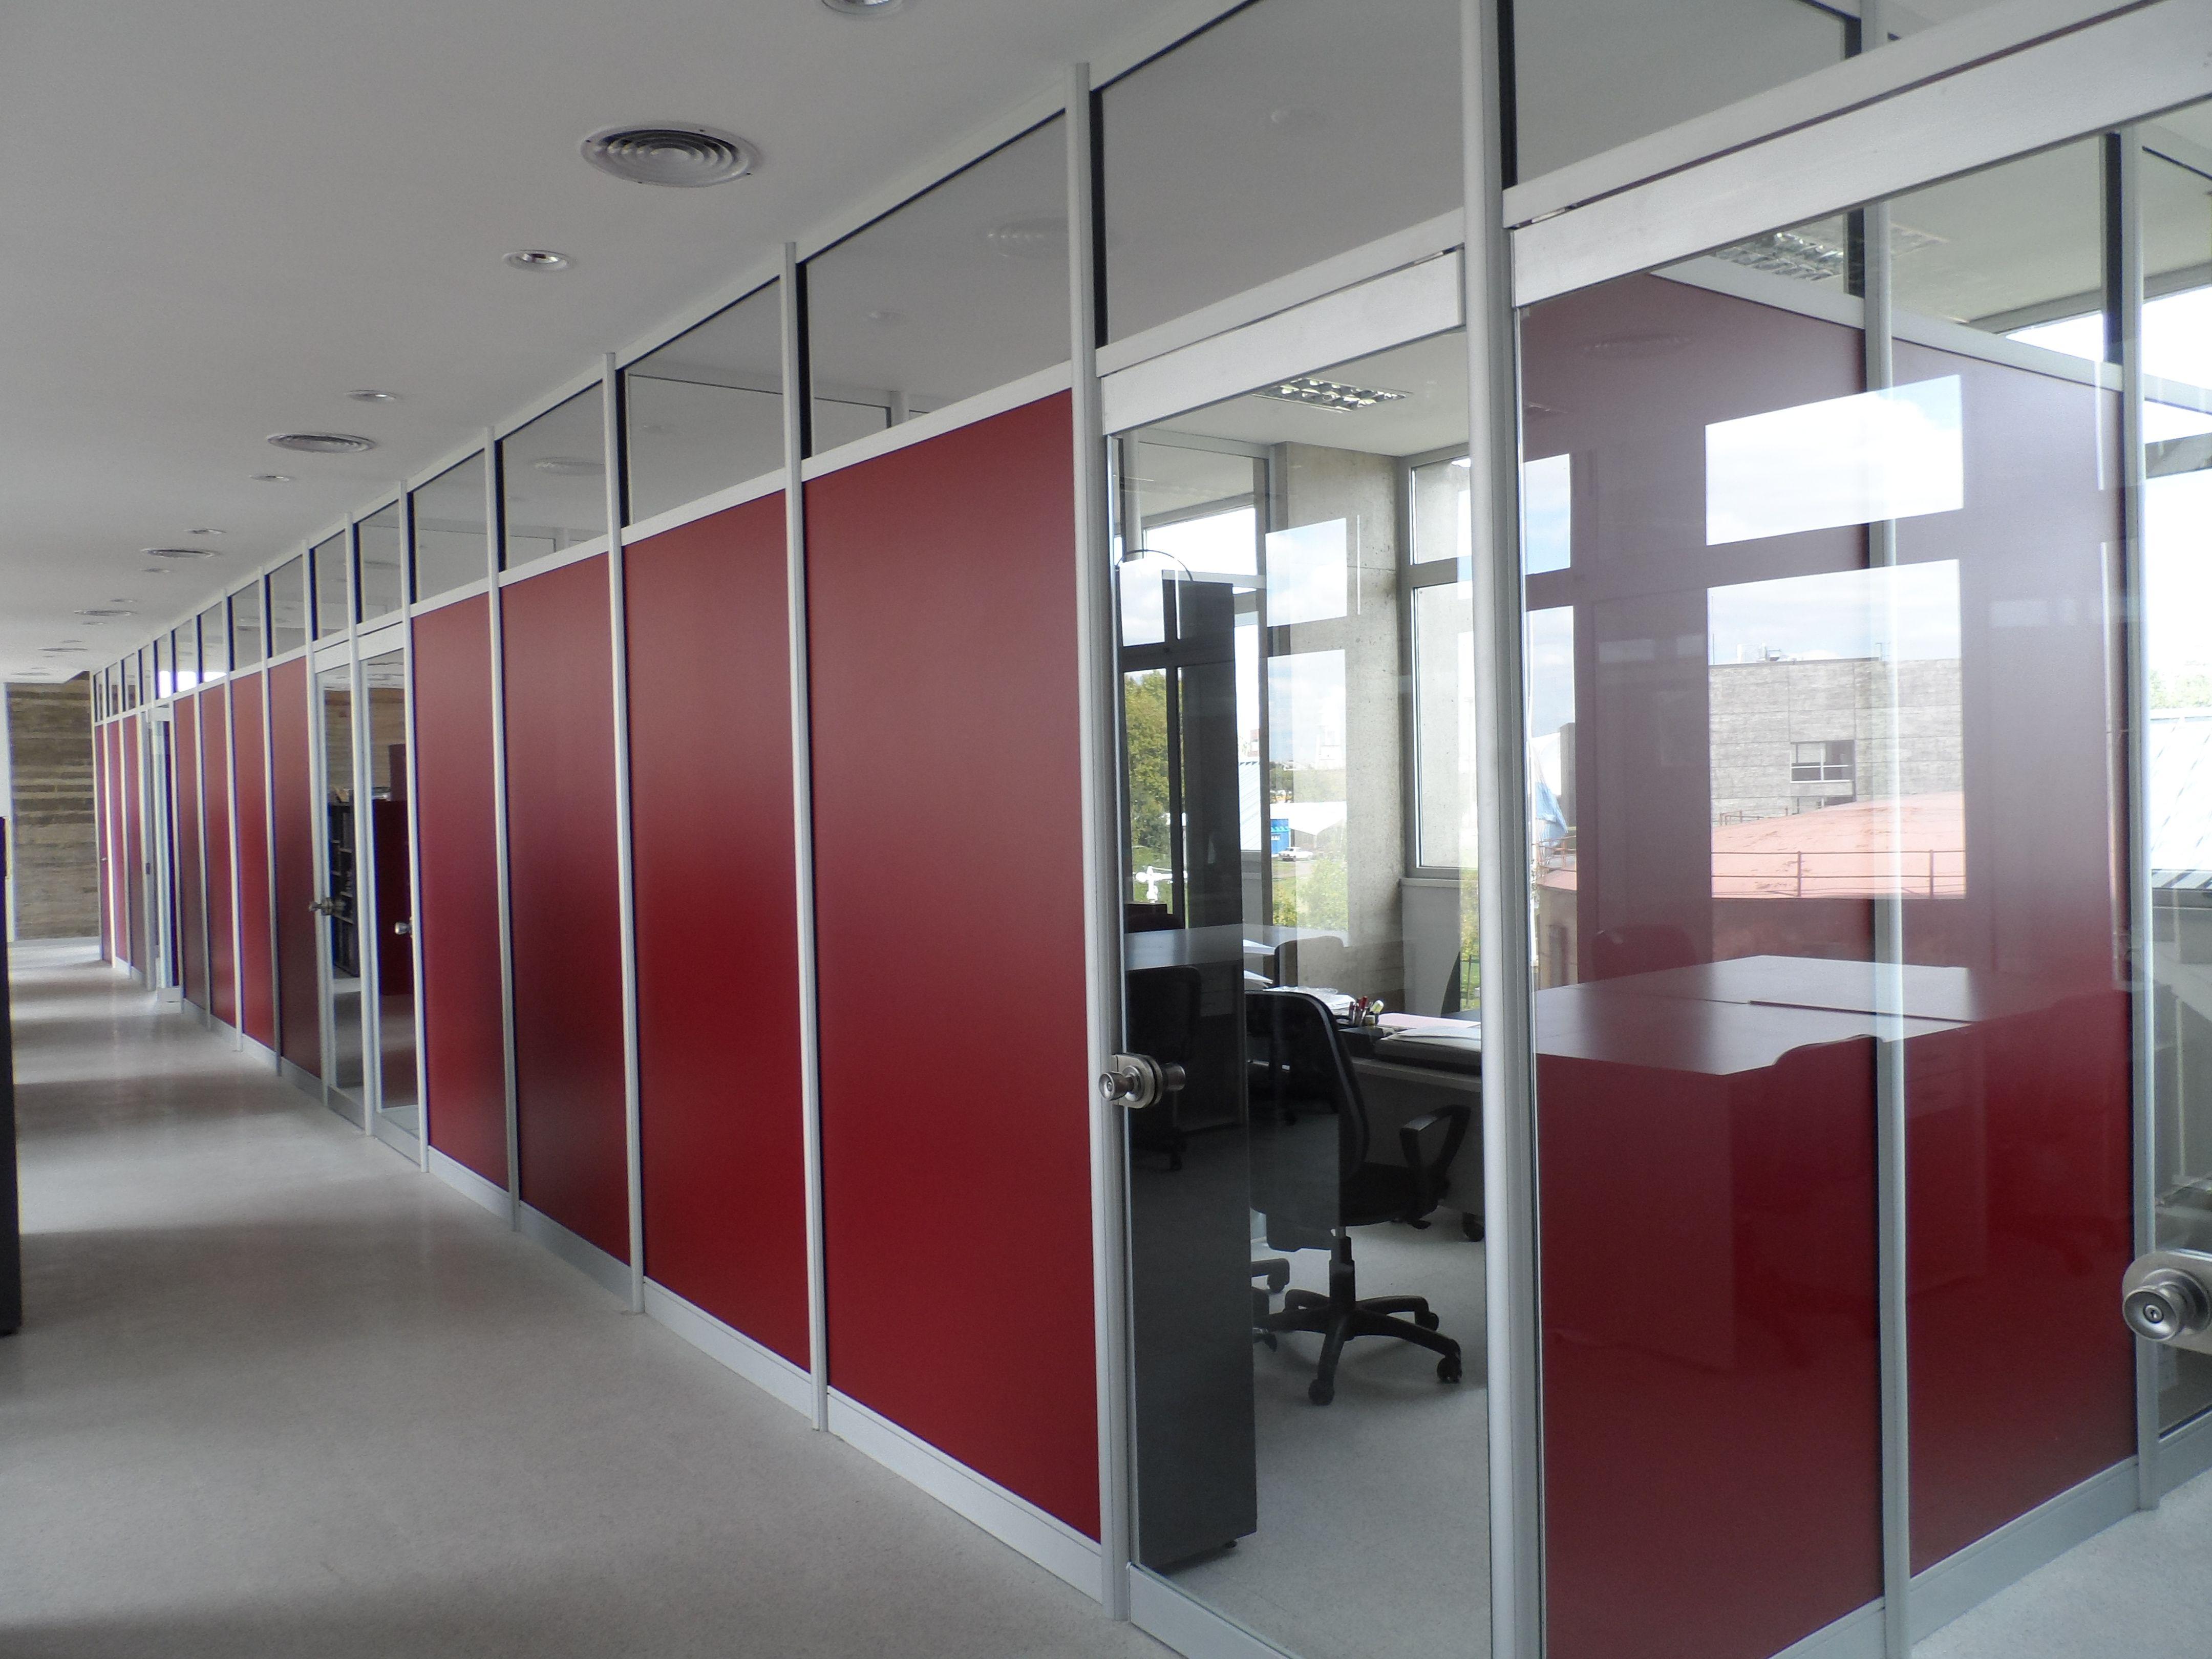 Oficinas administrativas de la universidad de san mart n for Planos de oficinas administrativas